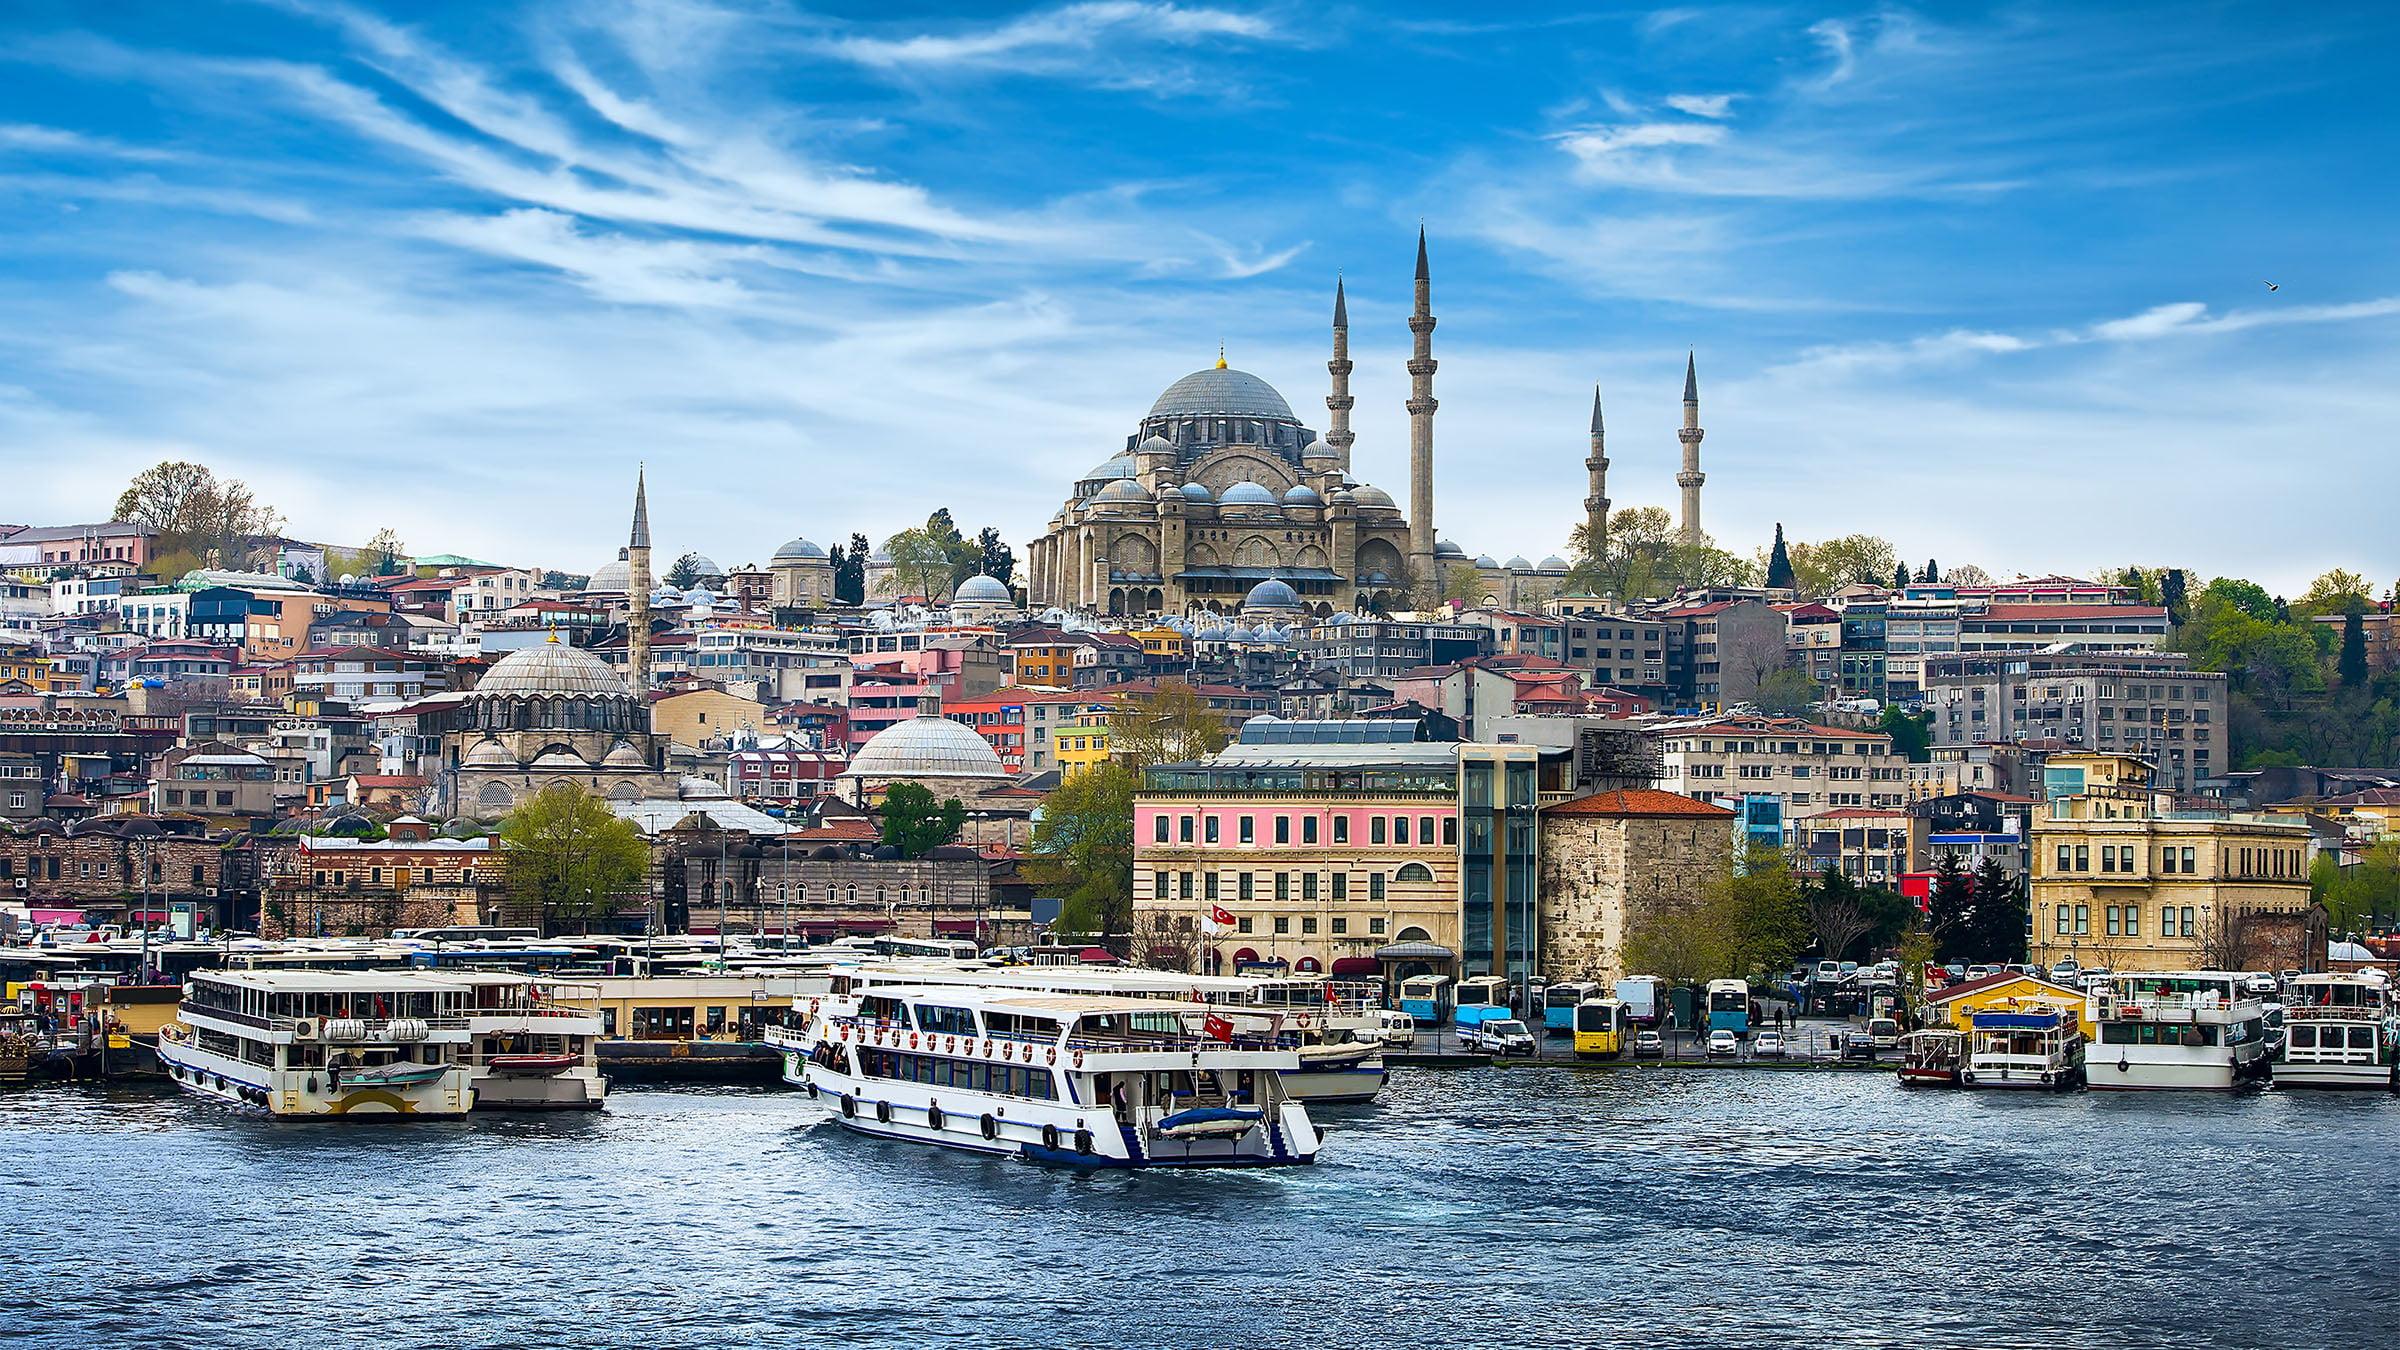 Viajar a Estambul: seguridad en la ciudad y zonas peligrosas